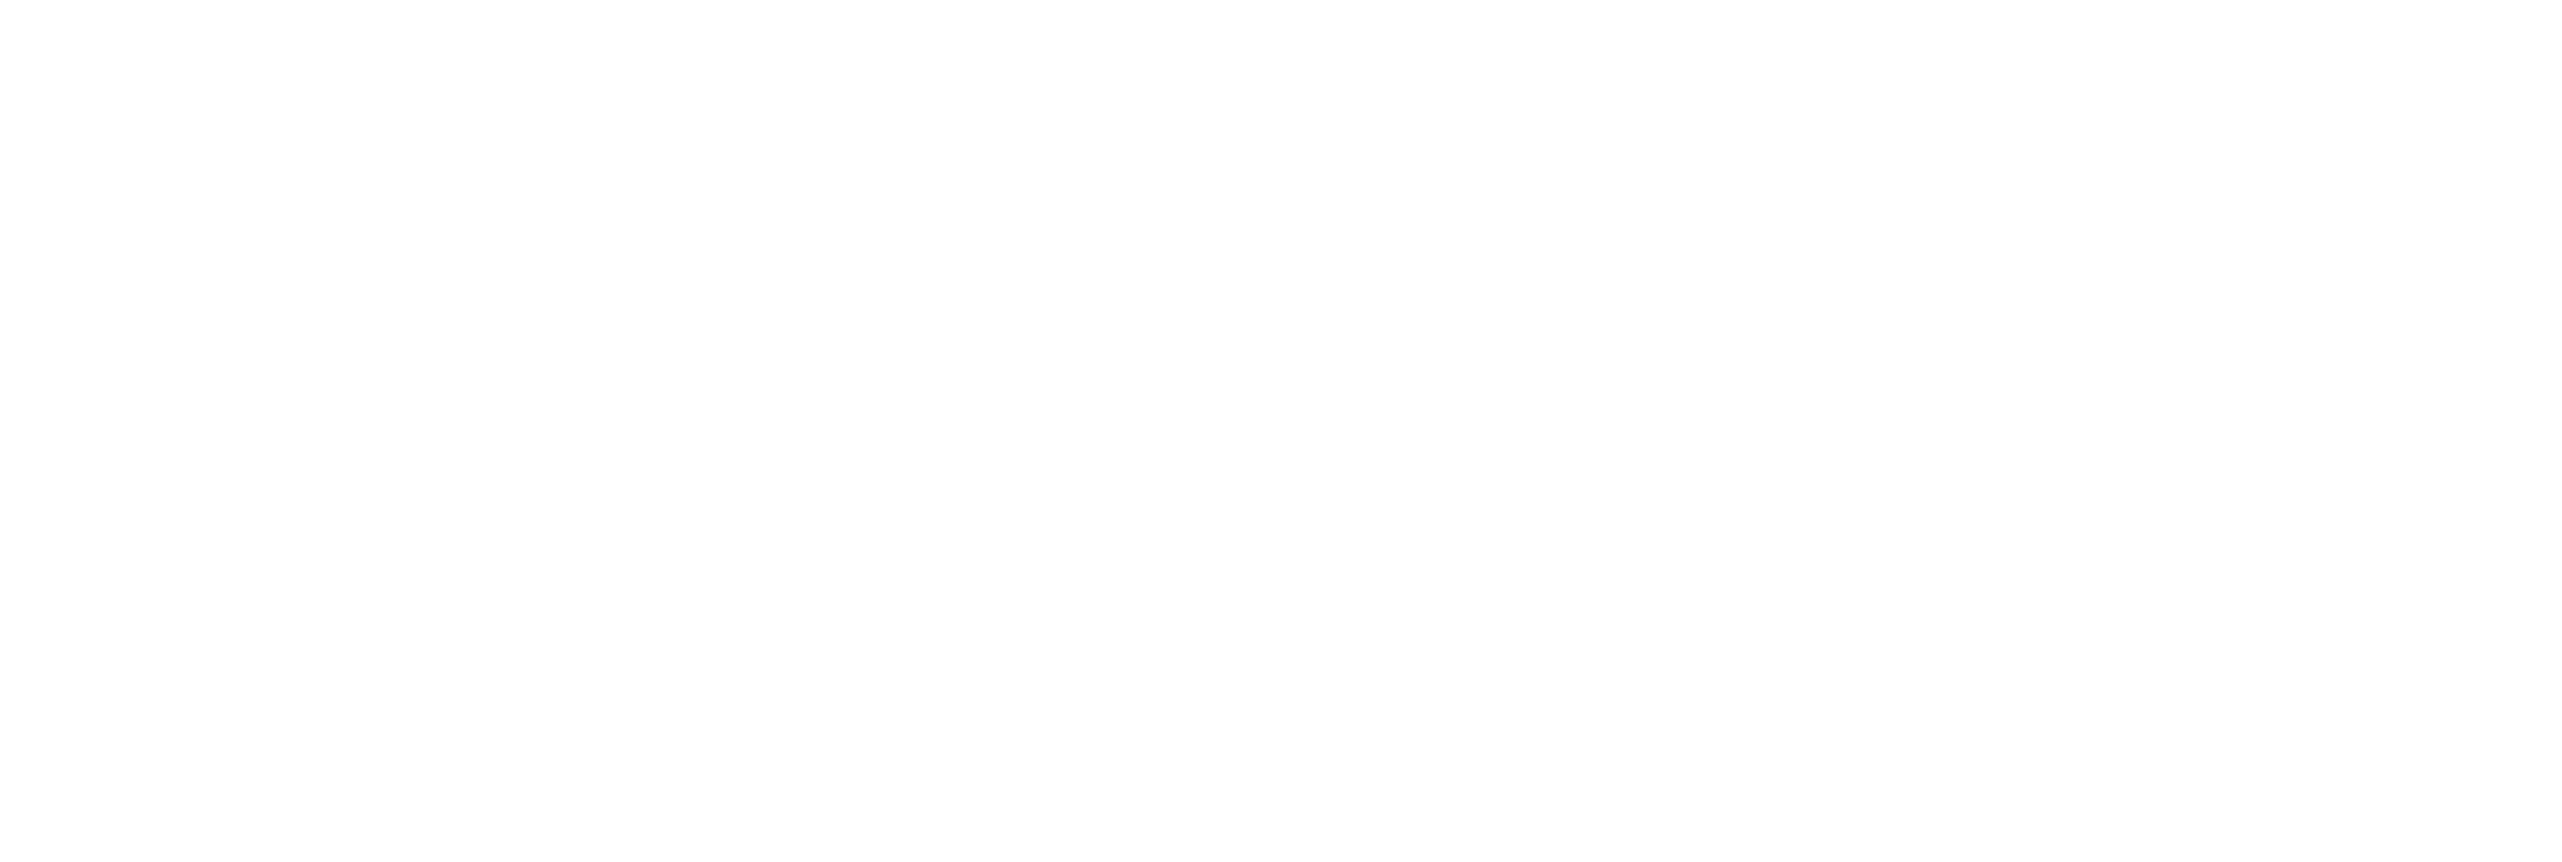 Minidepositos La Boyera